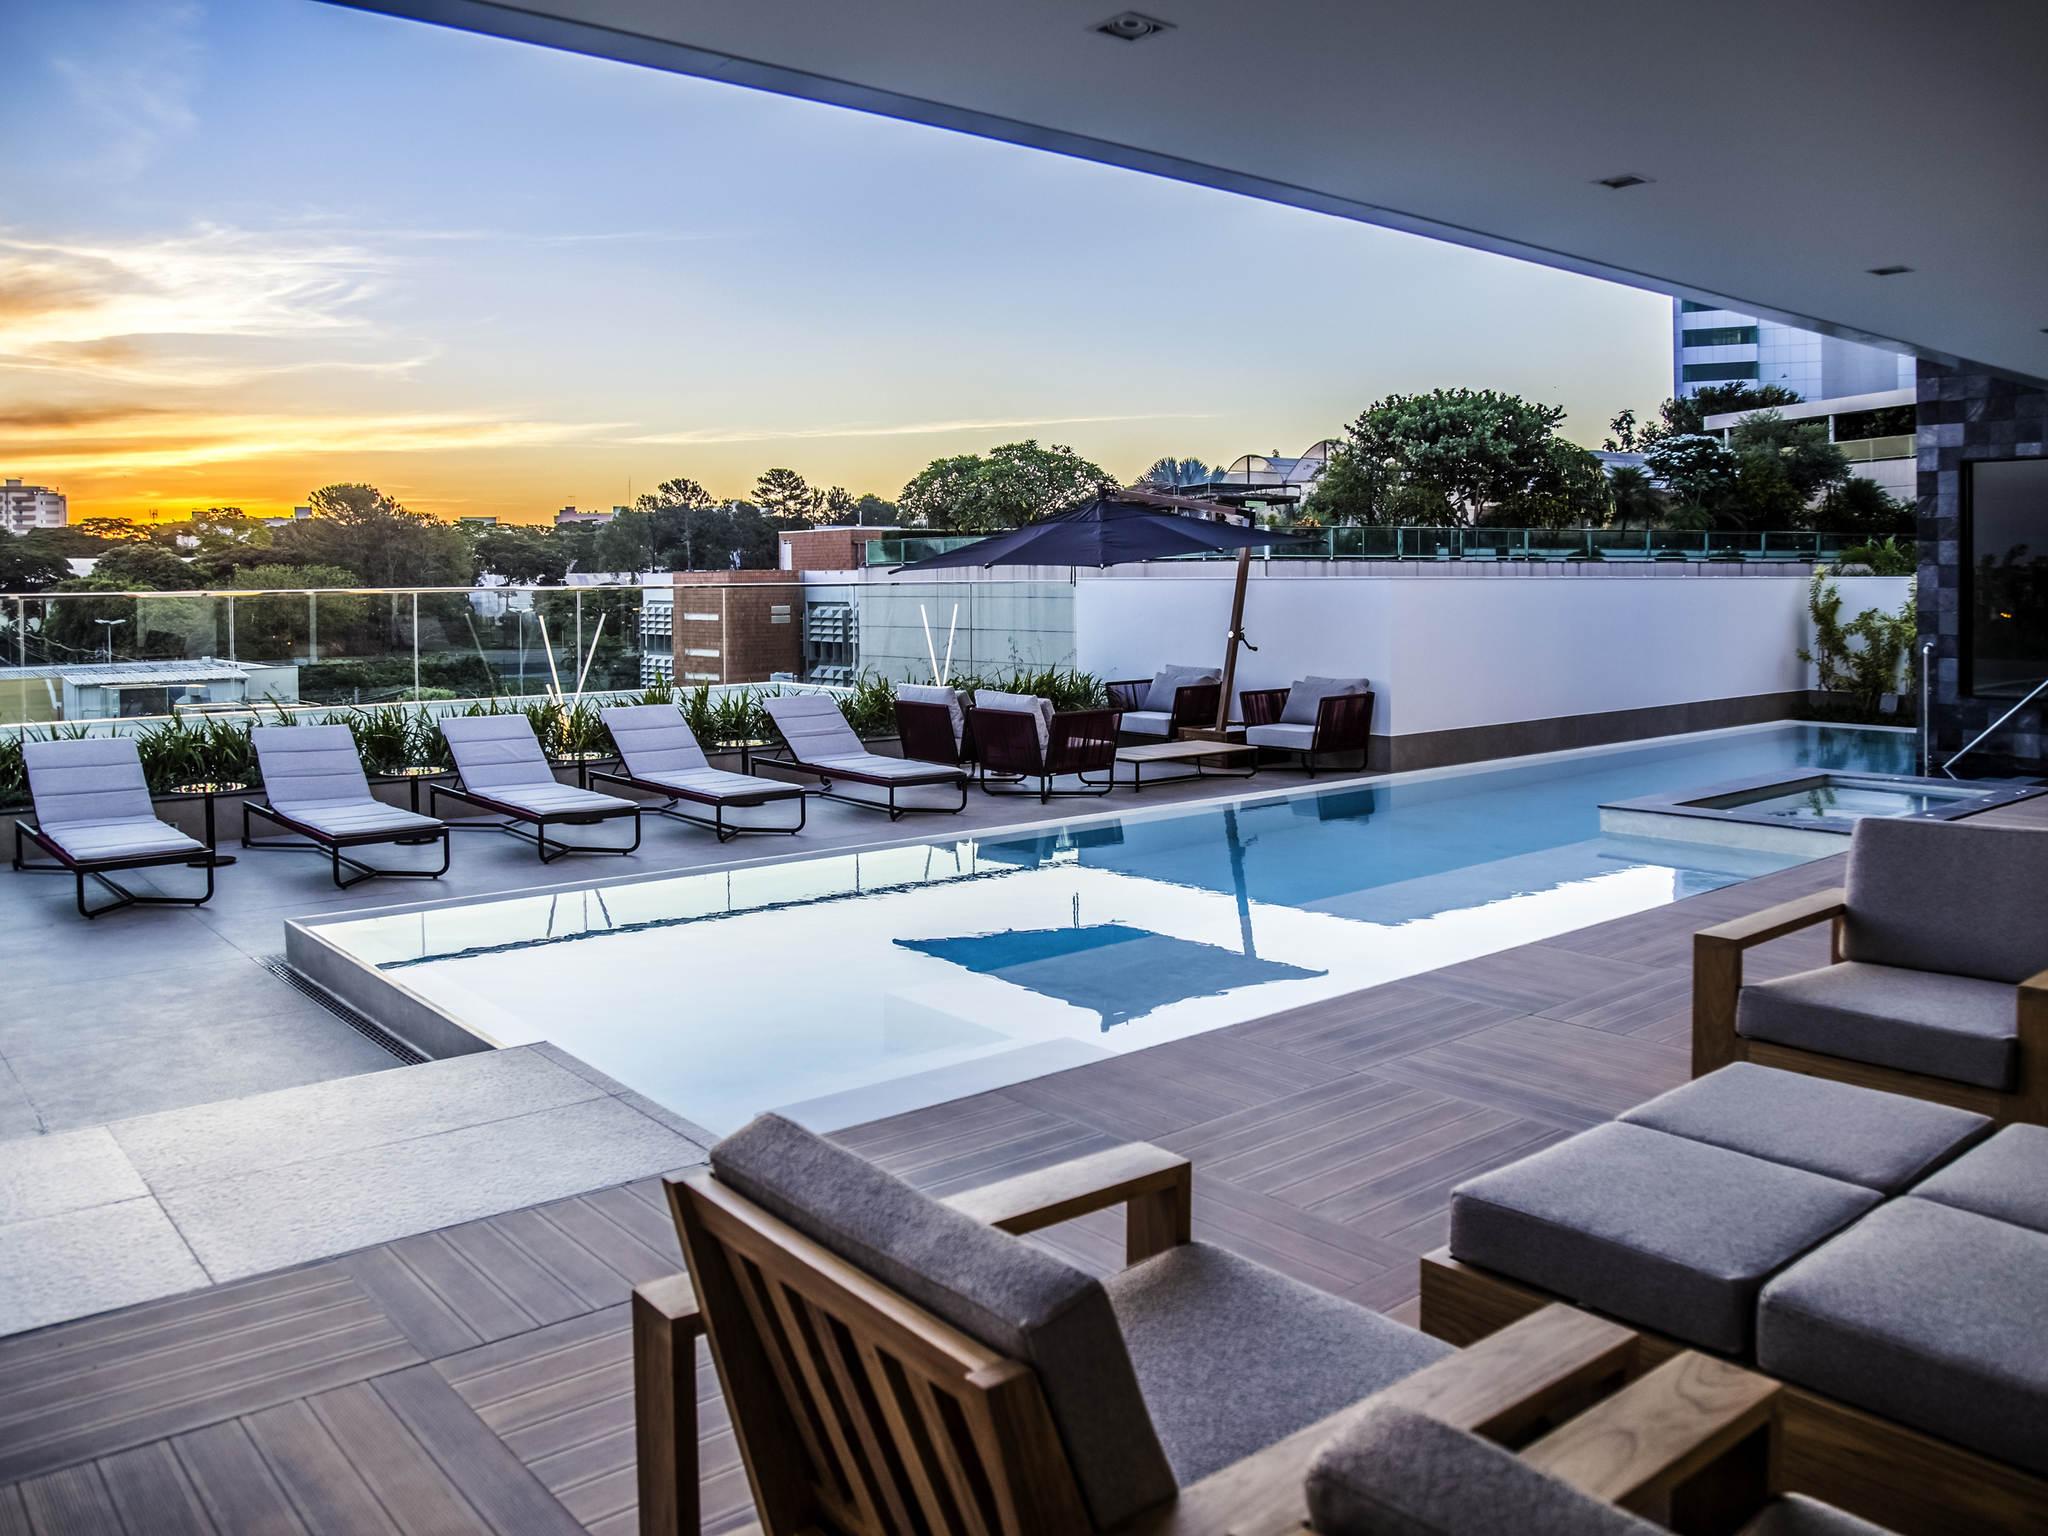 โรงแรม – Mercure Uberlandia Plaza Shopping Hotel